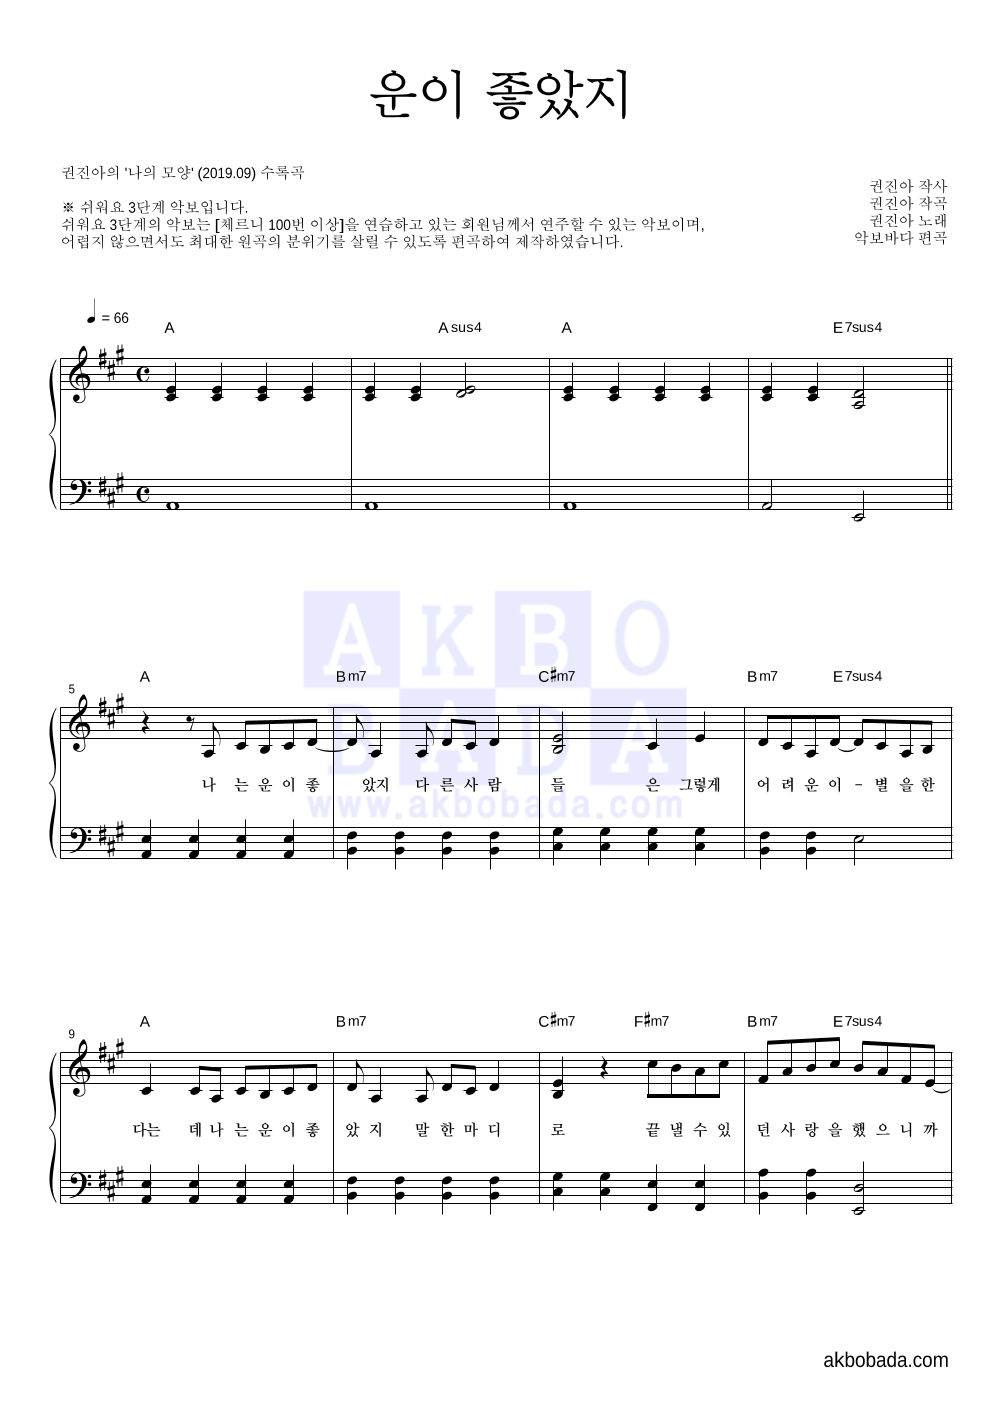 권진아 - 운이 좋았지 피아노2단-쉬워요 악보